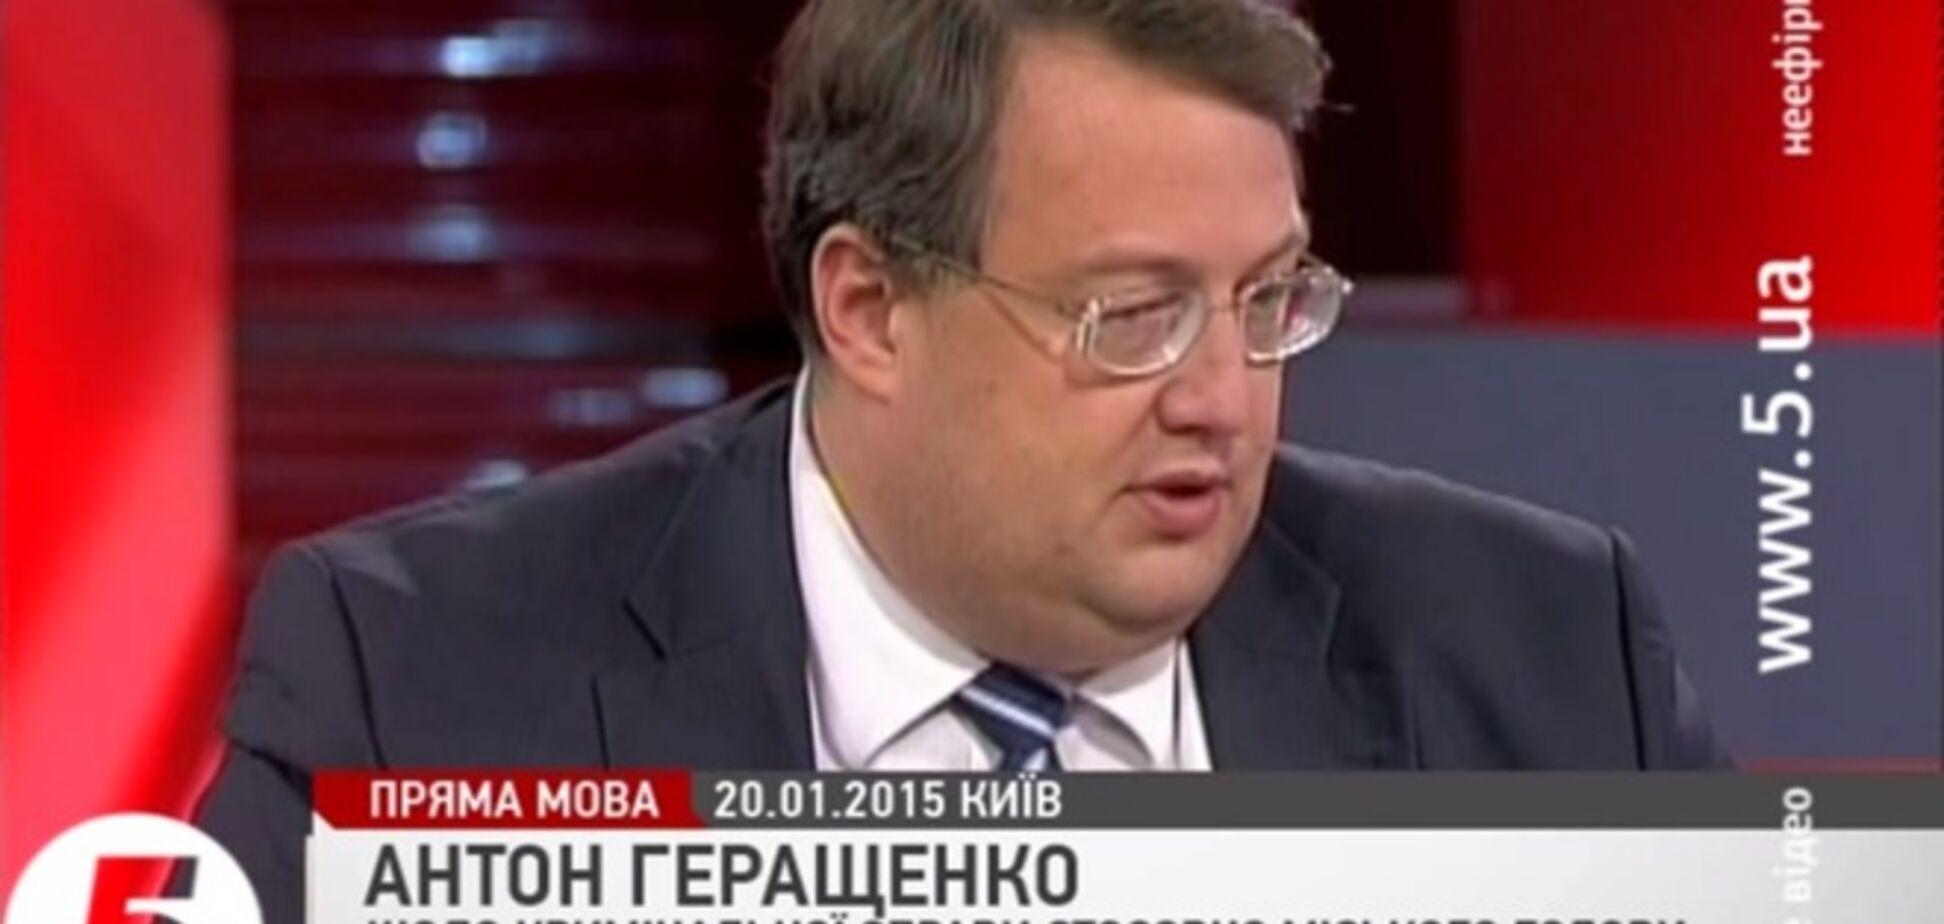 Наиболее решительные террористы уехали из Харькова - Геращенко